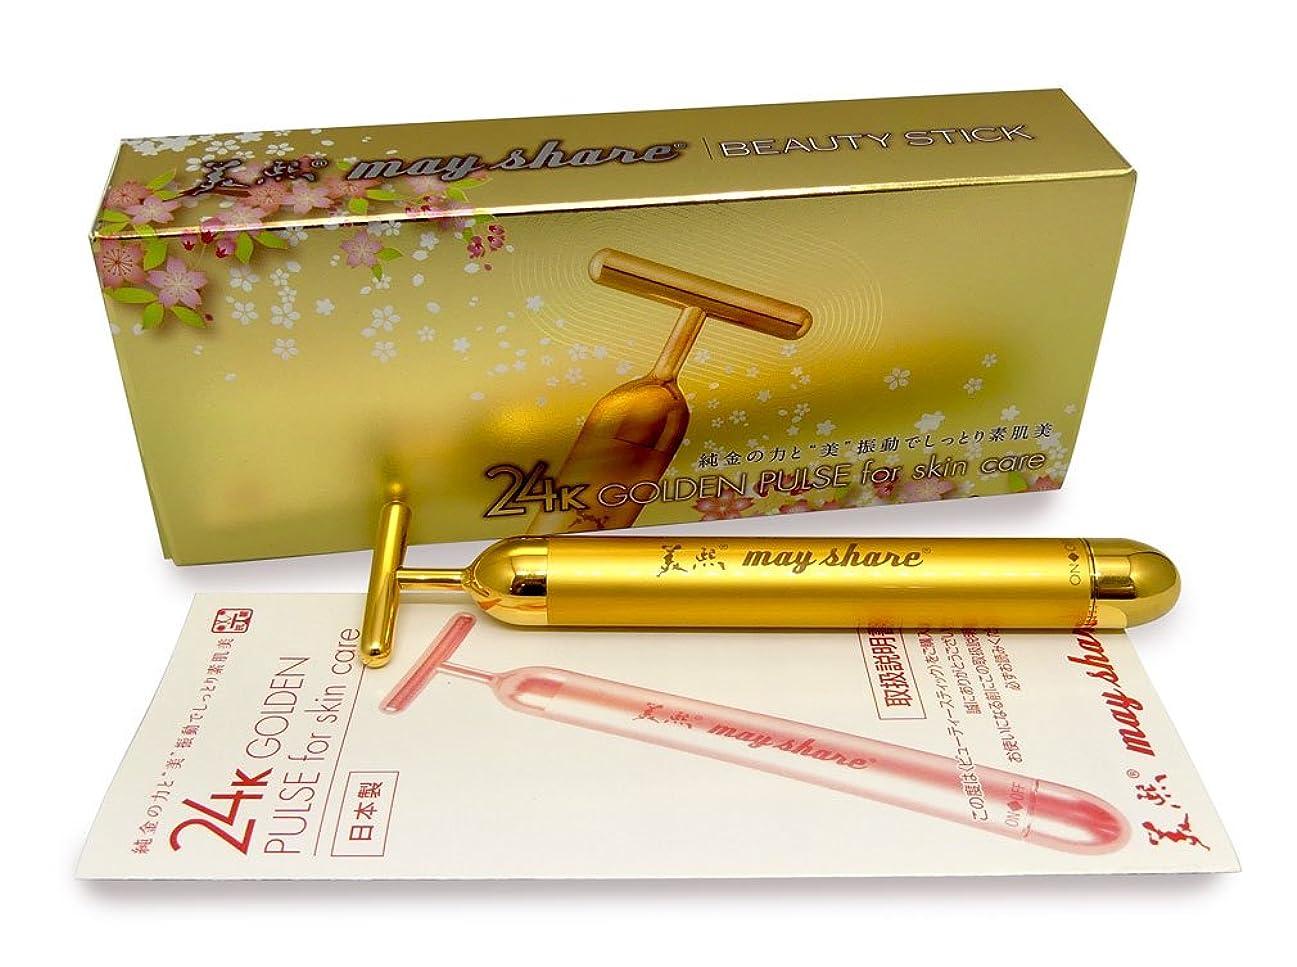 アンカーリファインフォアマン日本製 24Kゴールドビューティースティック(T型)Beauty Stick 黄金棒 MS-1